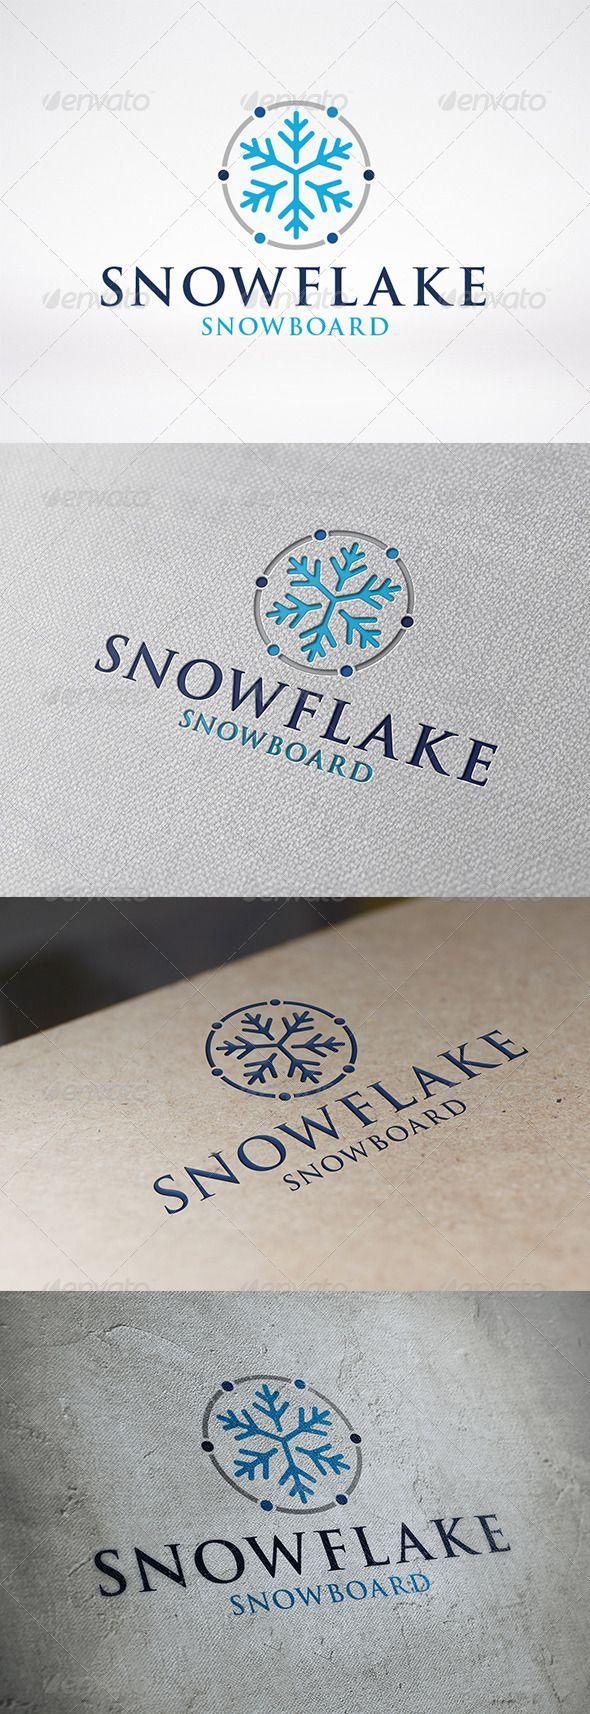 Snowflake Logo Template Logo Templates Snowflakes Ice Logo